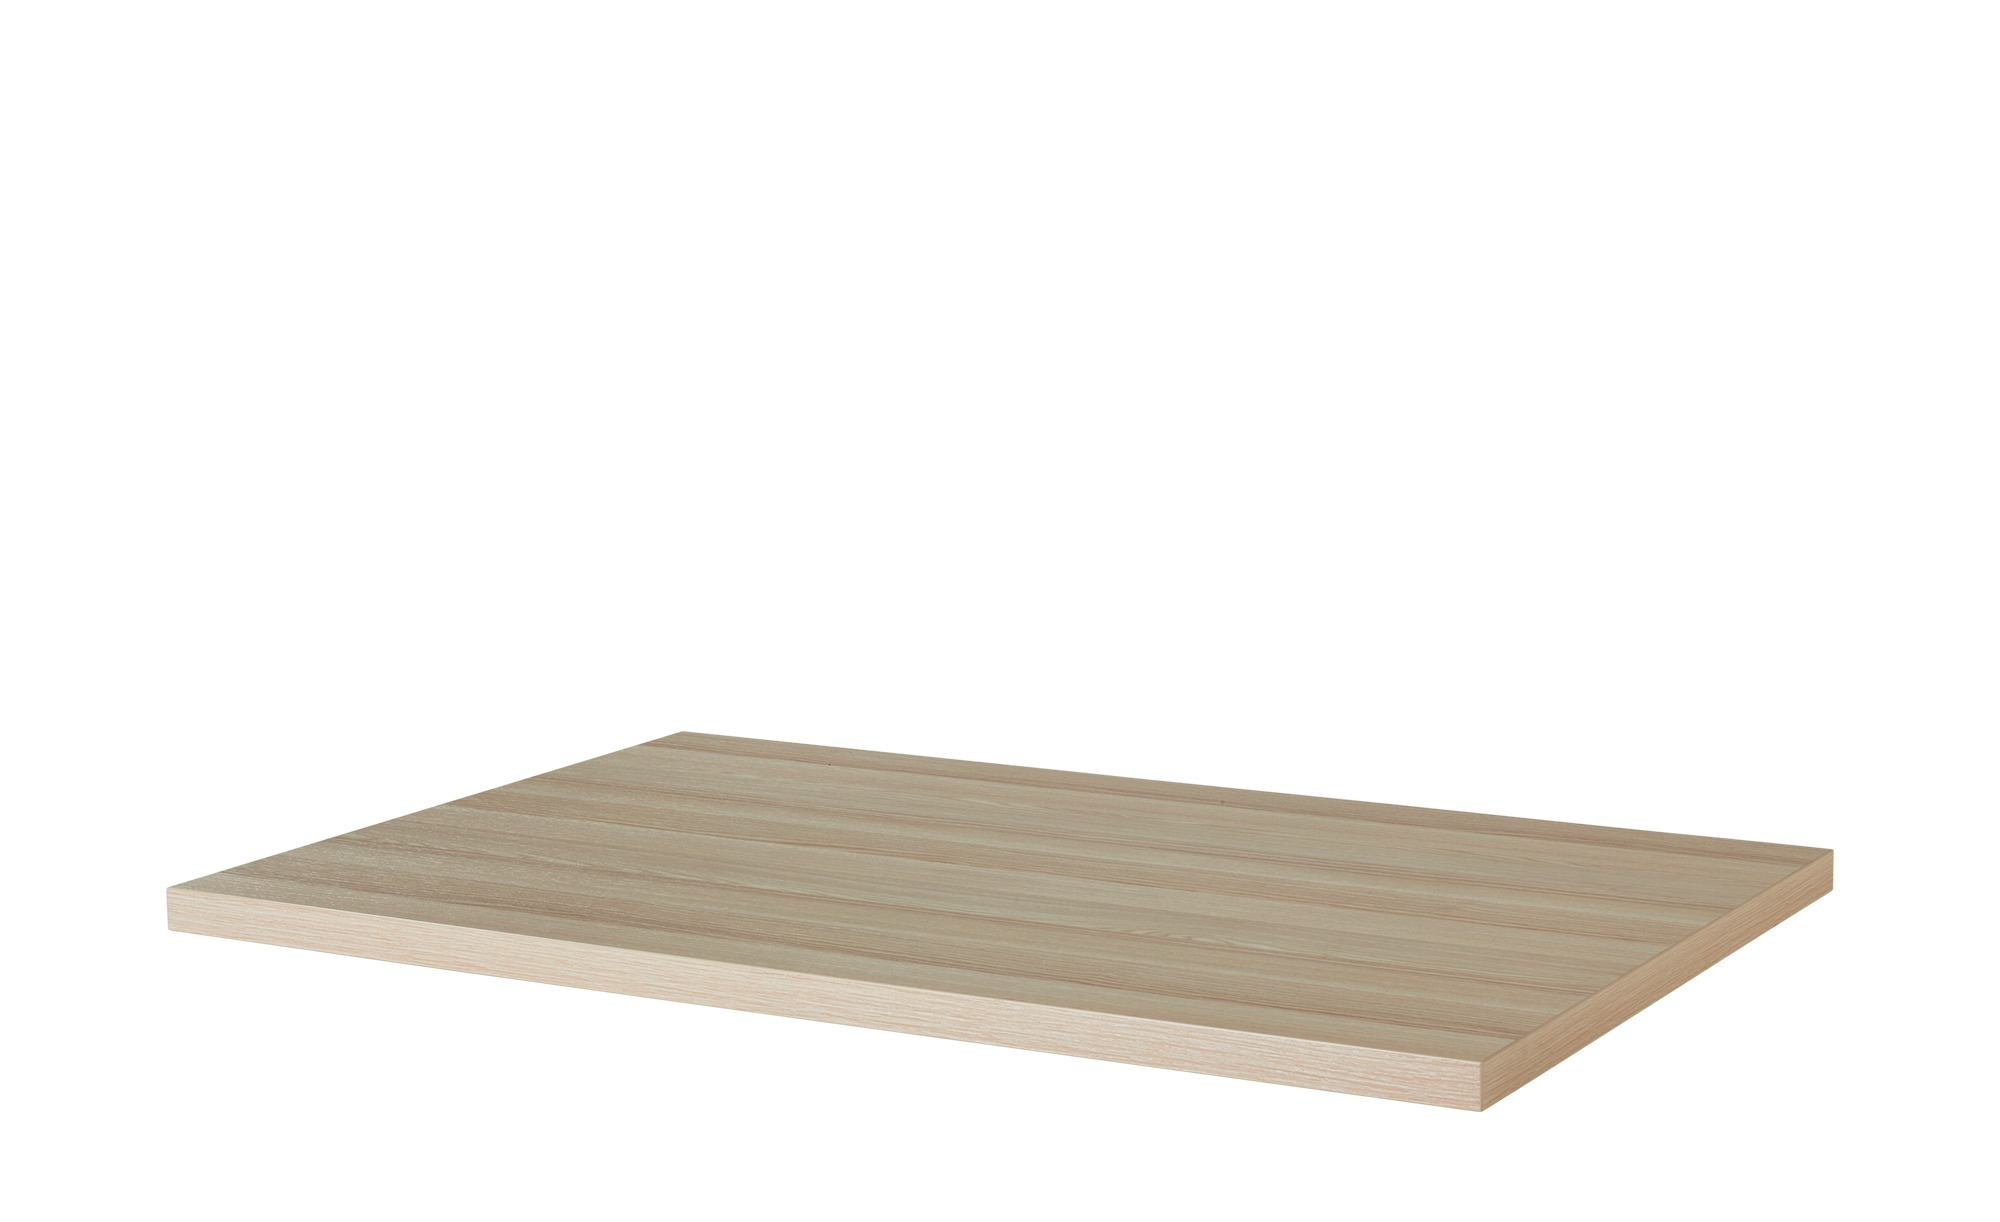 Schreibtischplatte - holzfarben - 150 cm - 3,5 cm - 80 cm - Tische > Tischplatten - Möbel Kraft | Büro > Bürotische > Bürotische-Zubehör | Möbel Kraft